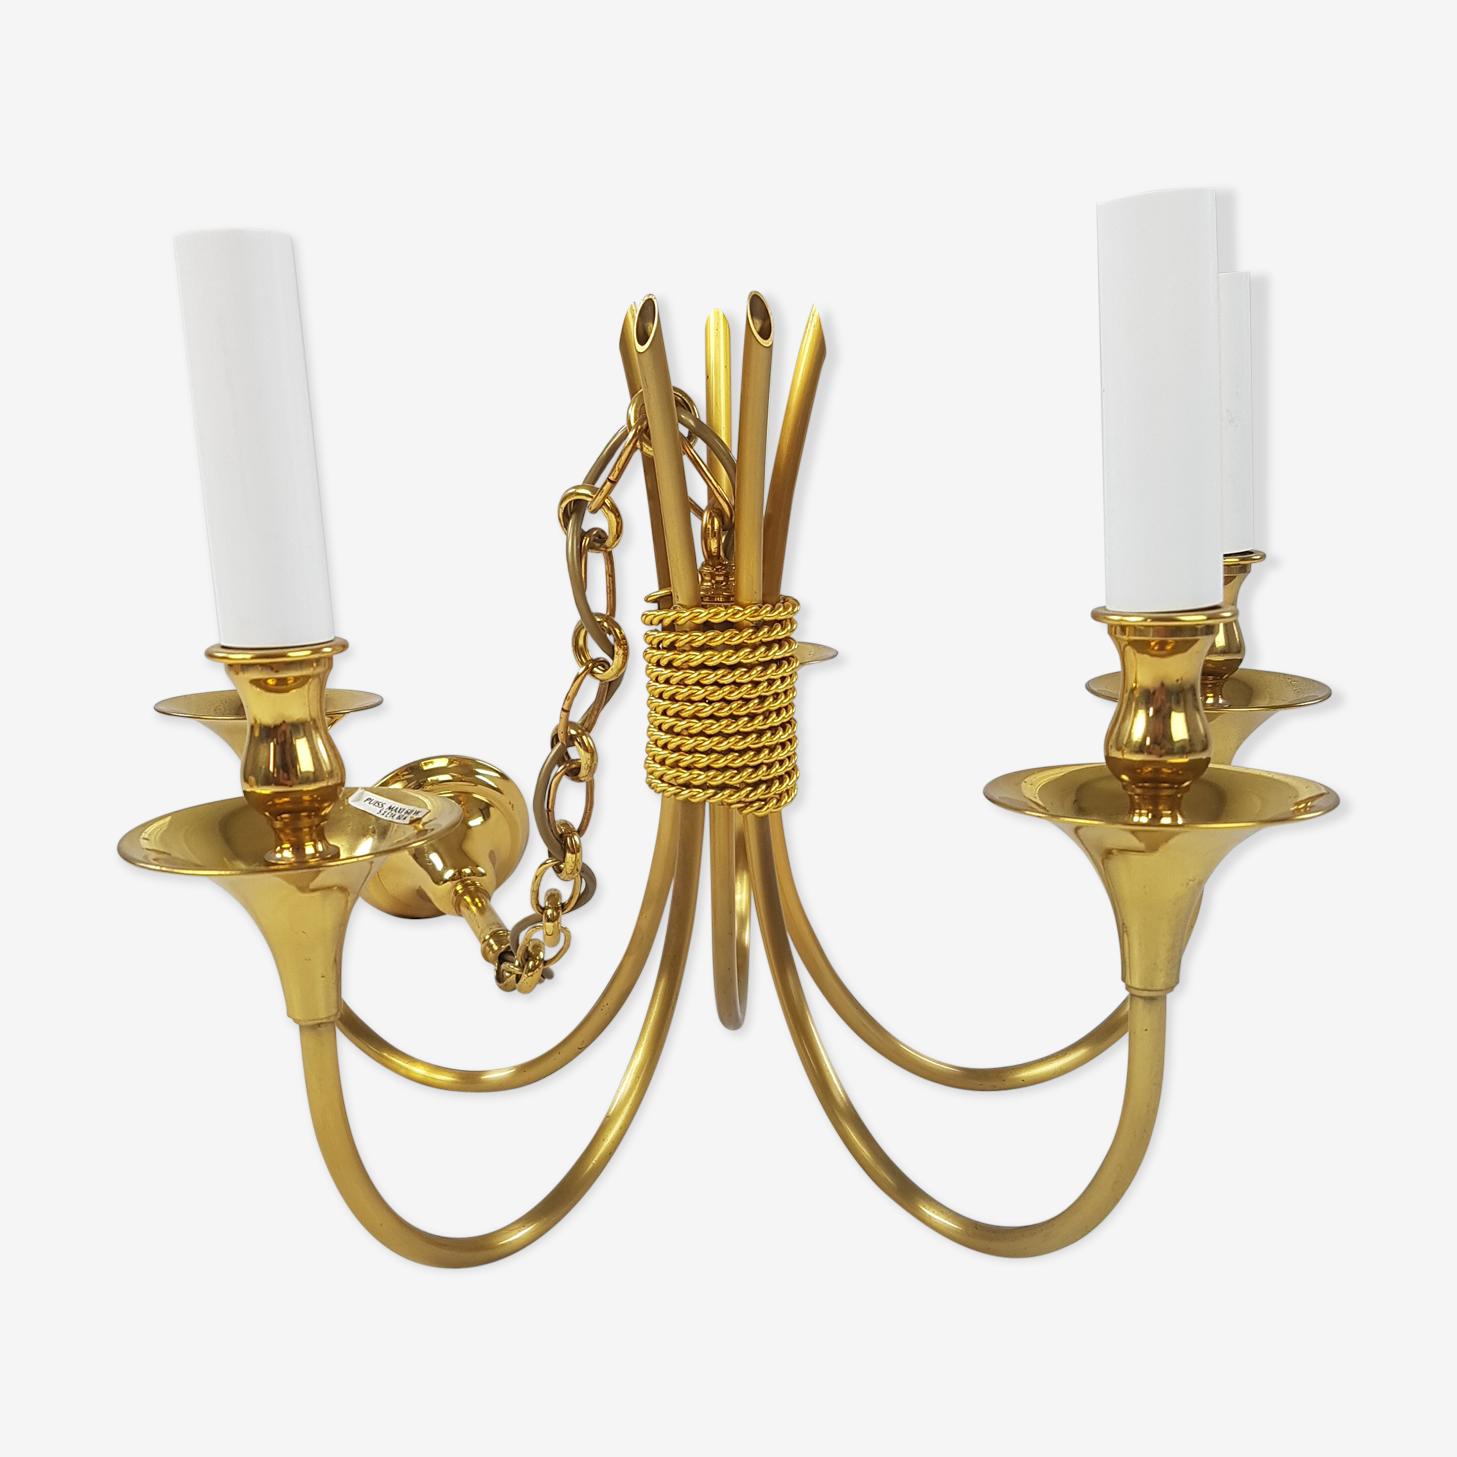 Lustre cinq feux style classique en laiton doré Maison Lucien Gau Paris 1980